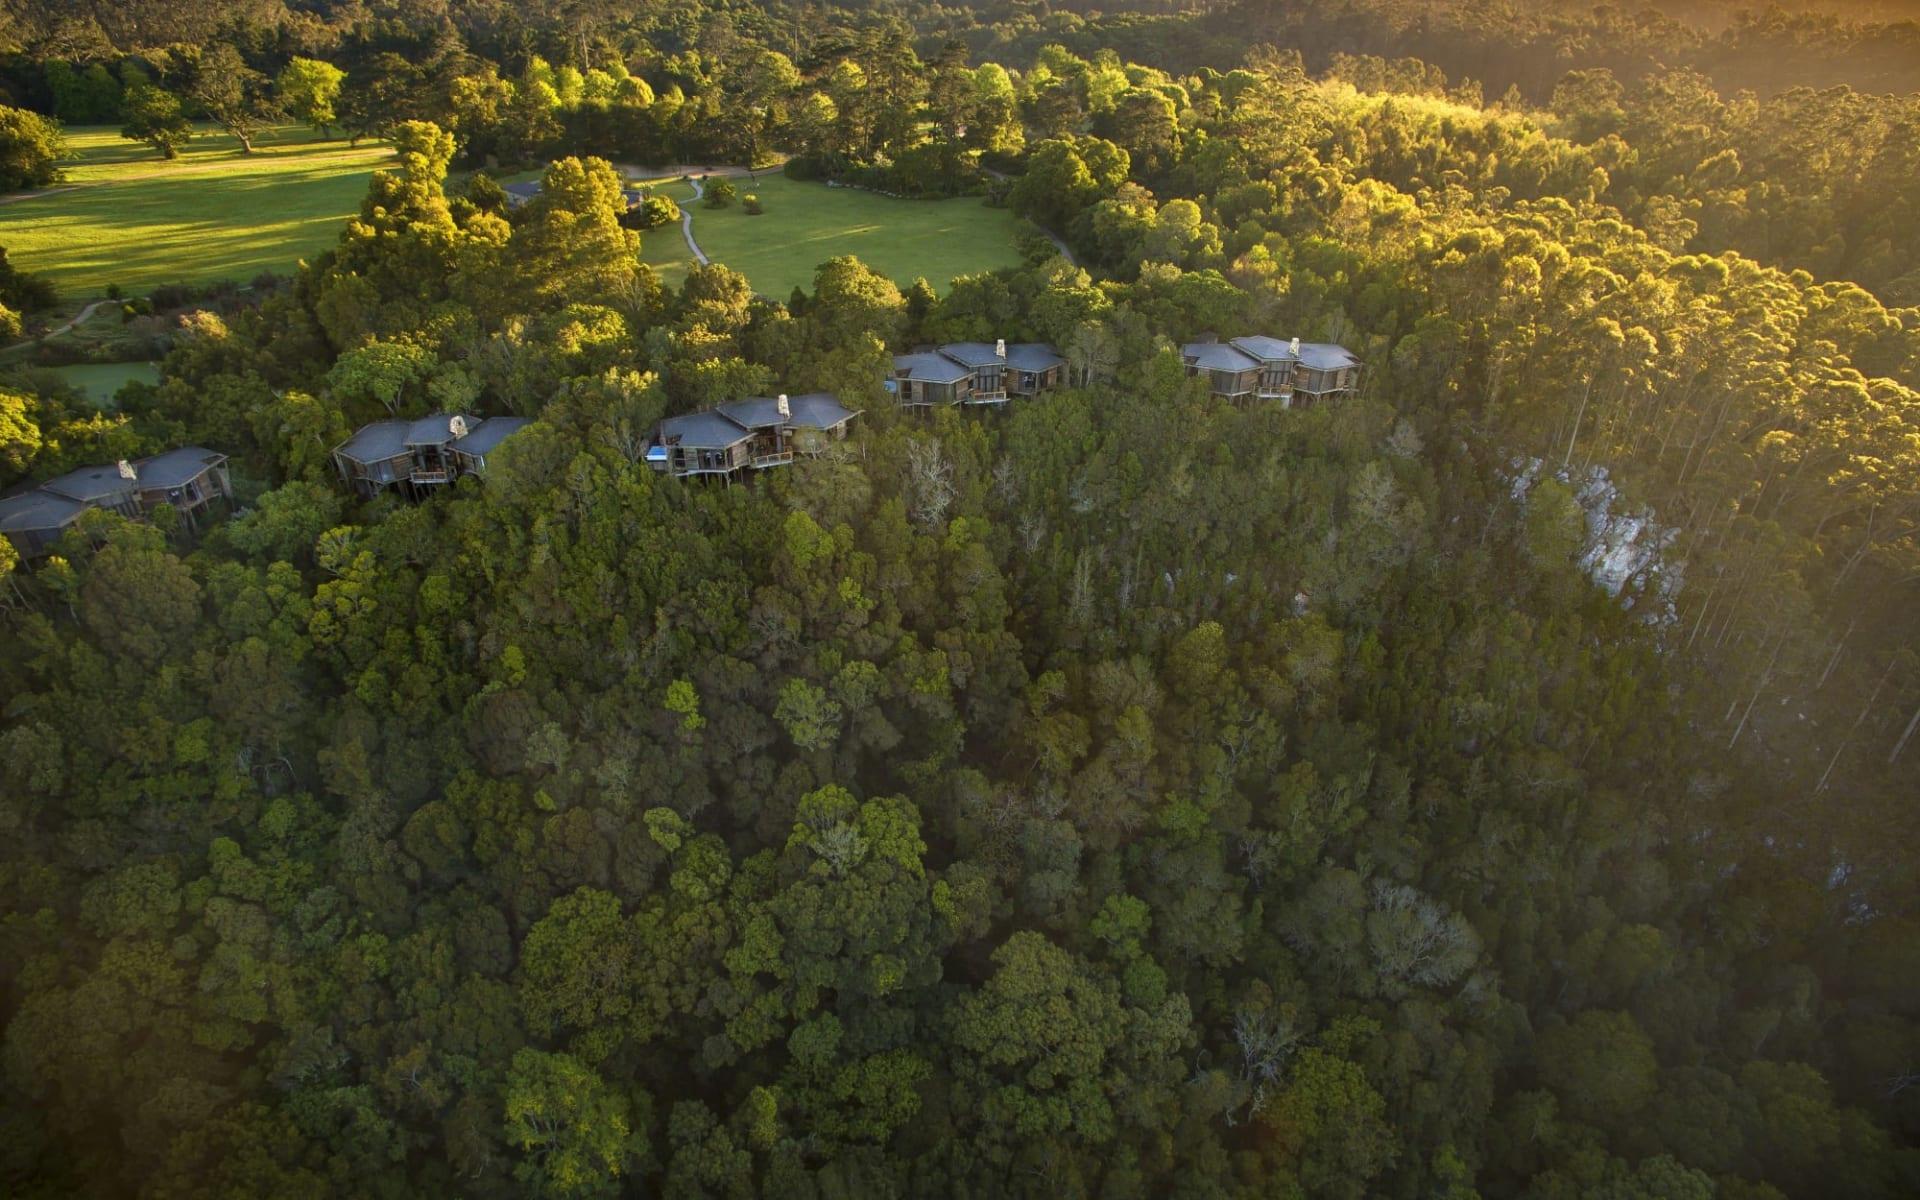 Tsala Treetop Lodge in Plettenberg Bay:  Tsala - Aerial View